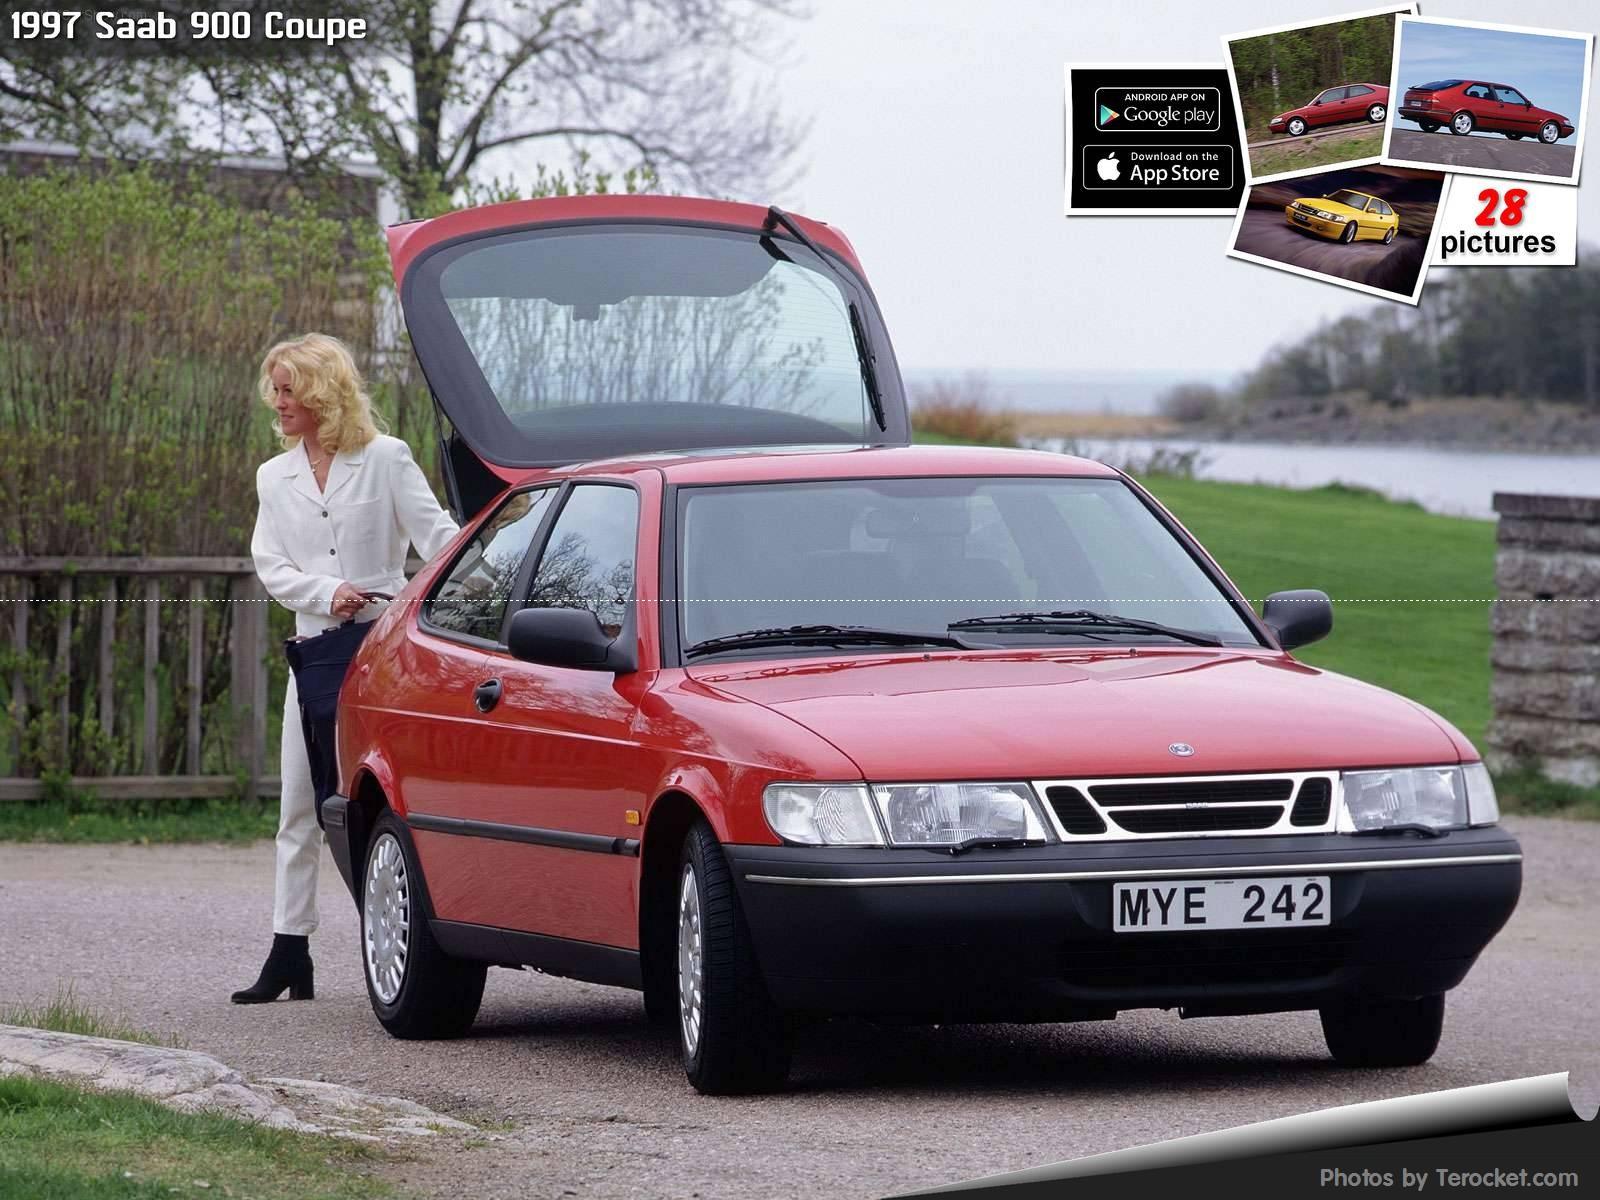 Hình ảnh xe ô tô Saab 900 Coupe 1997 & nội ngoại thất